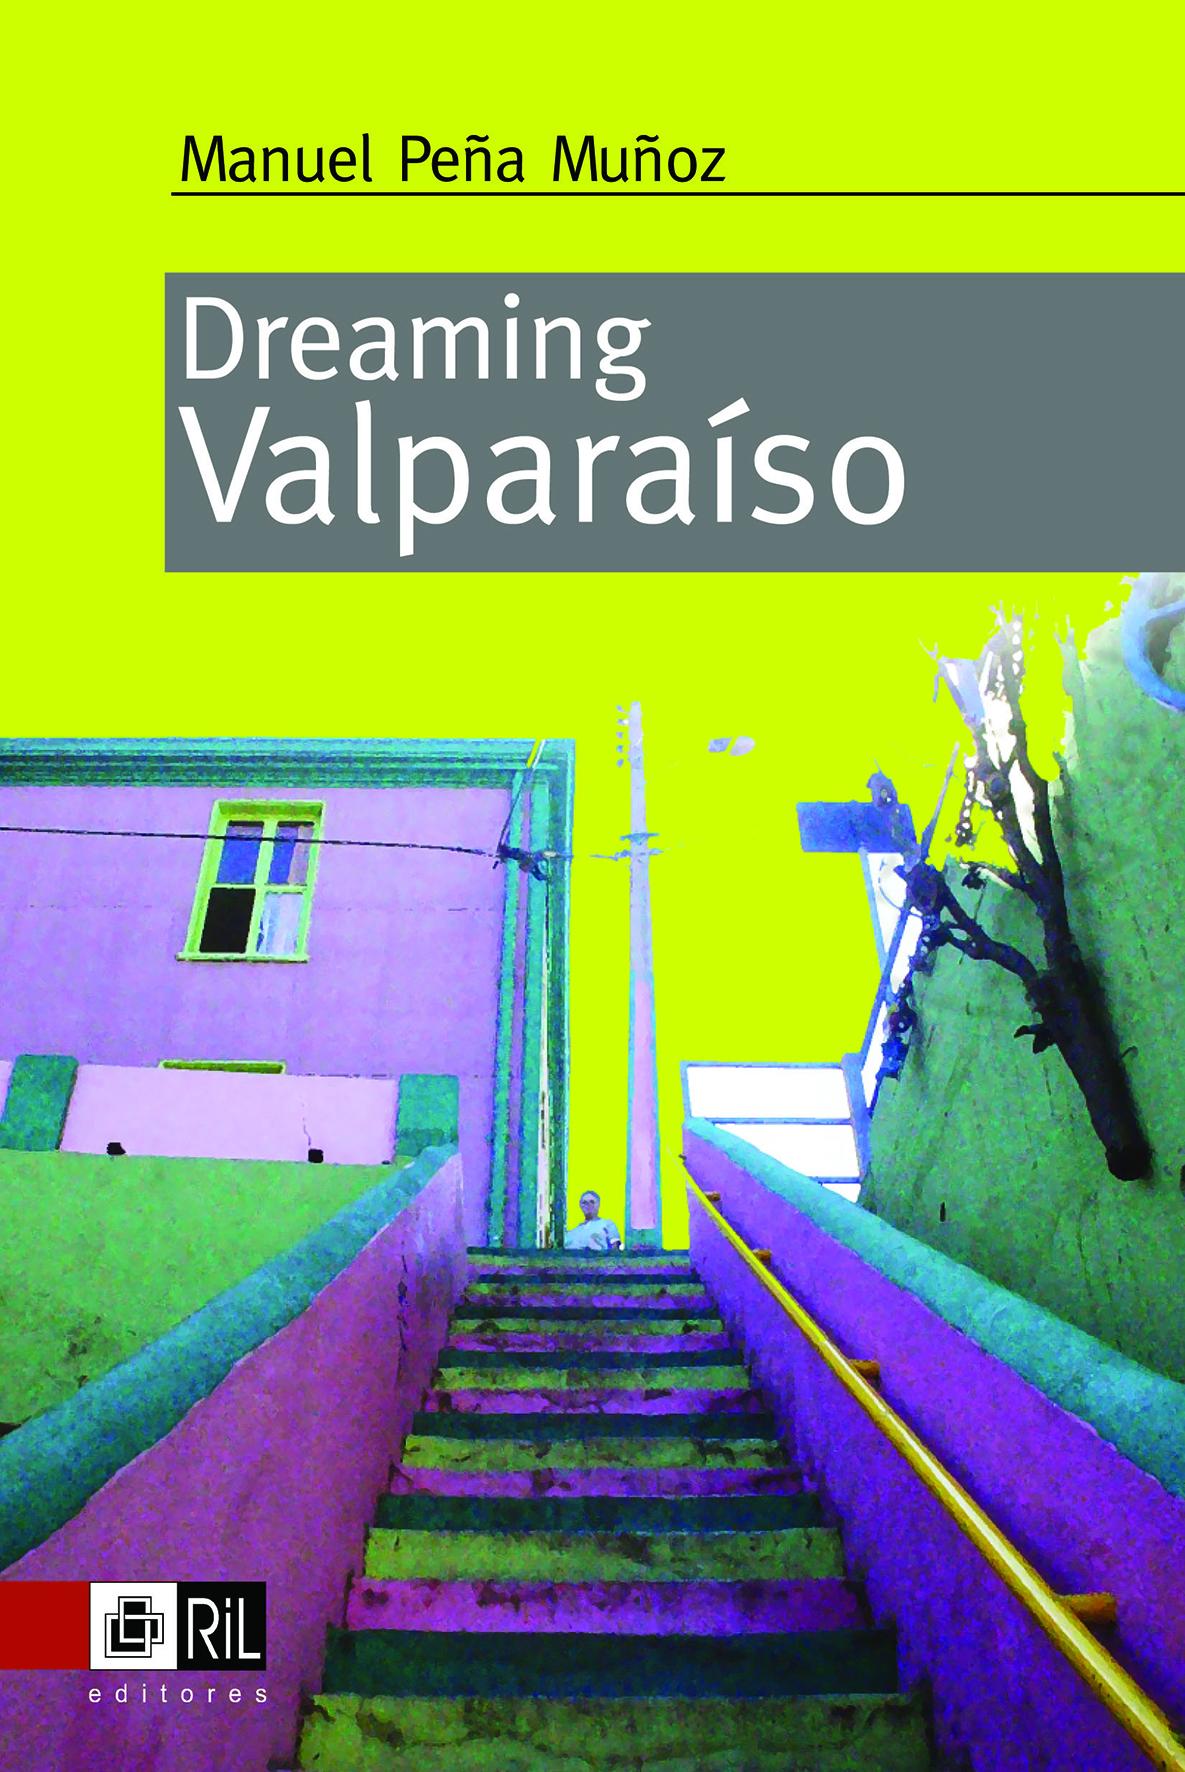 Dreaming Valparaiso 1